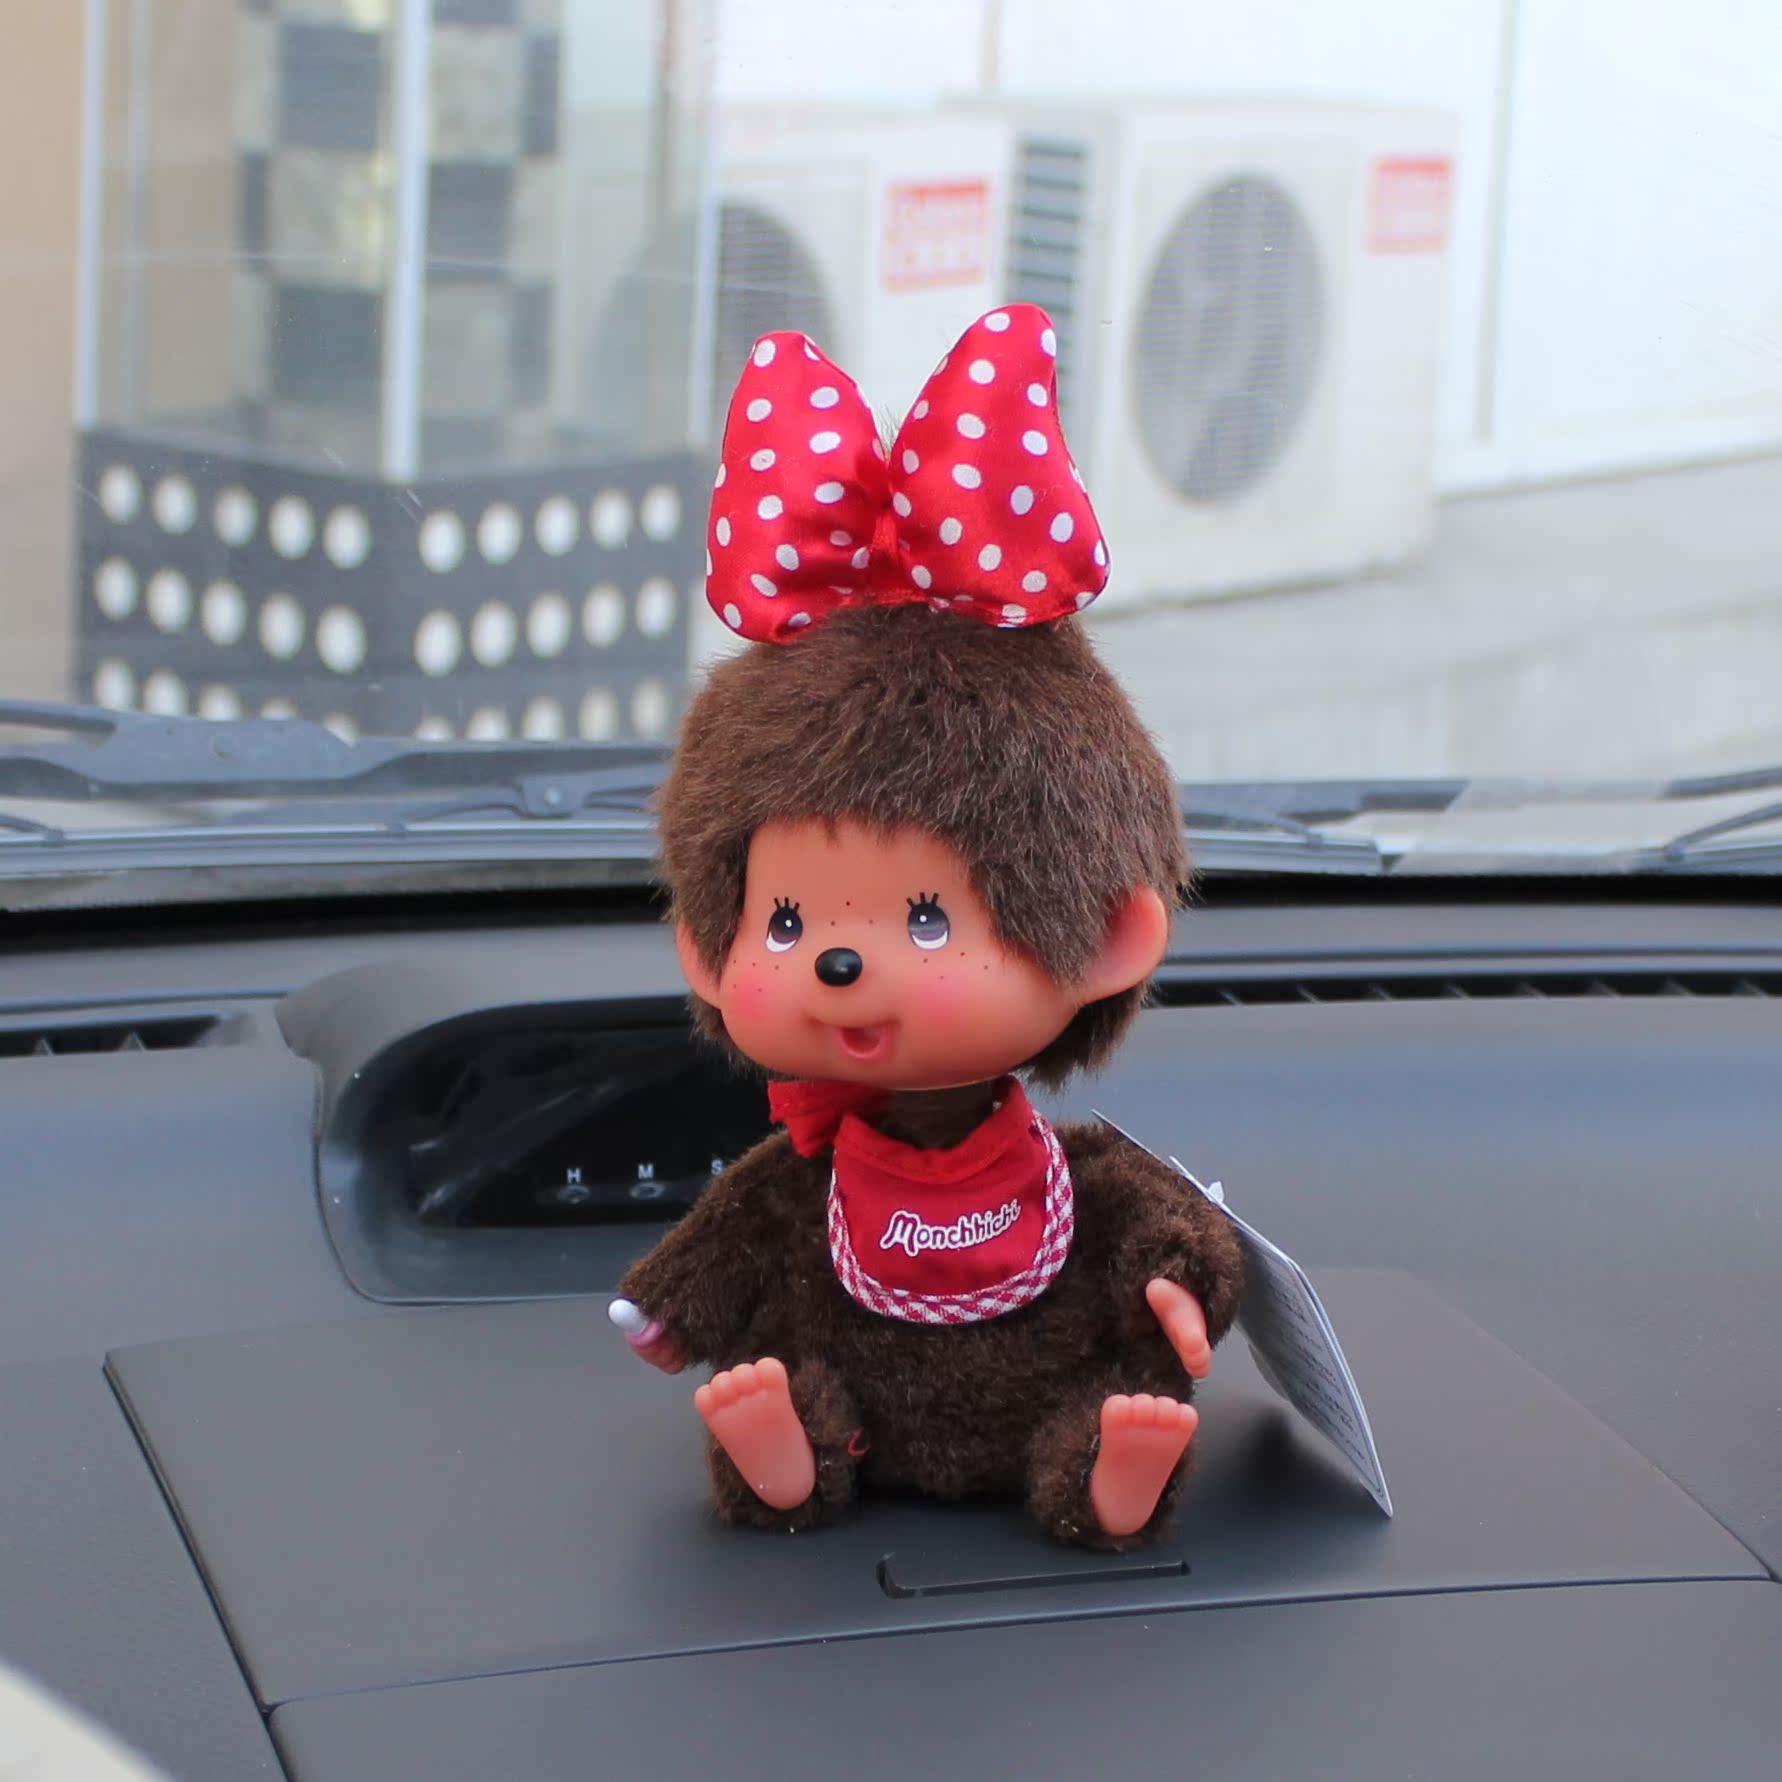 Украшение для автомобиля Купить monchhichi auto головы куклы украшения украшения автомобиля украшение поставок автомобилей автолюбителей Кукла Украшение